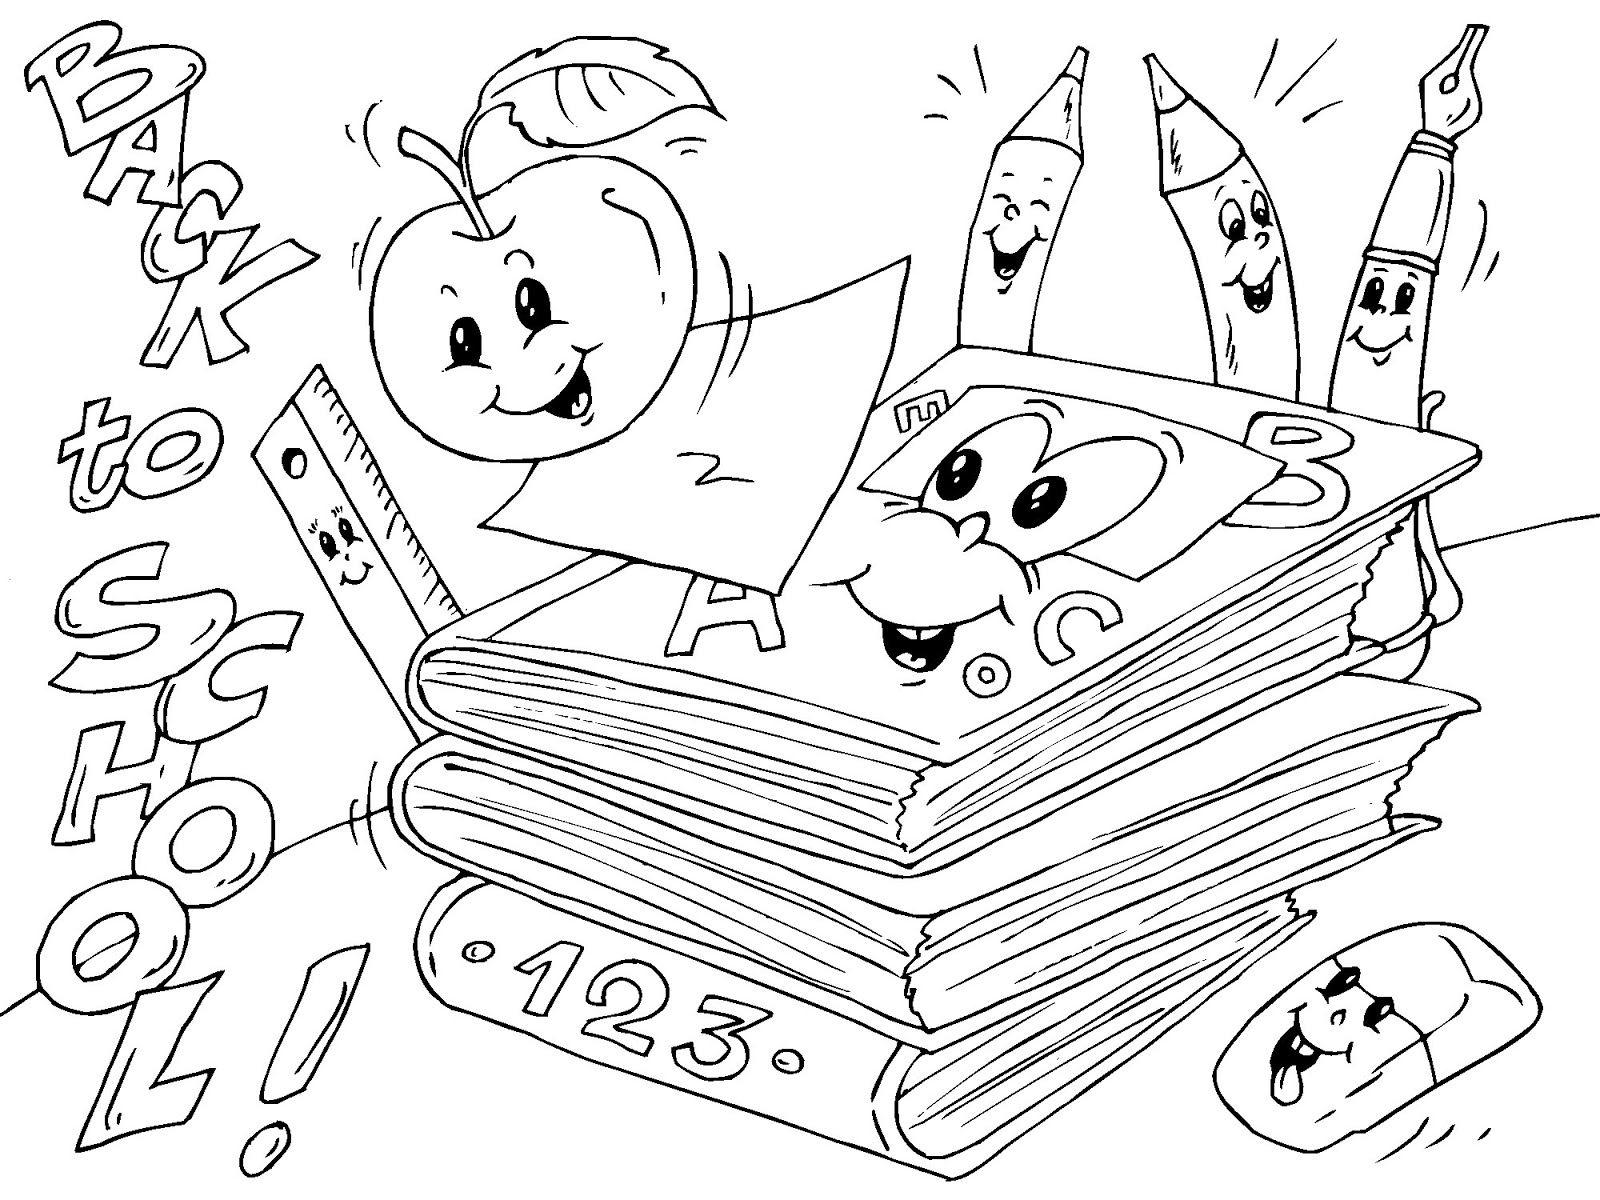 Dibujos Ideia Criativa Desenho De Volta As Aulas Para Colorir